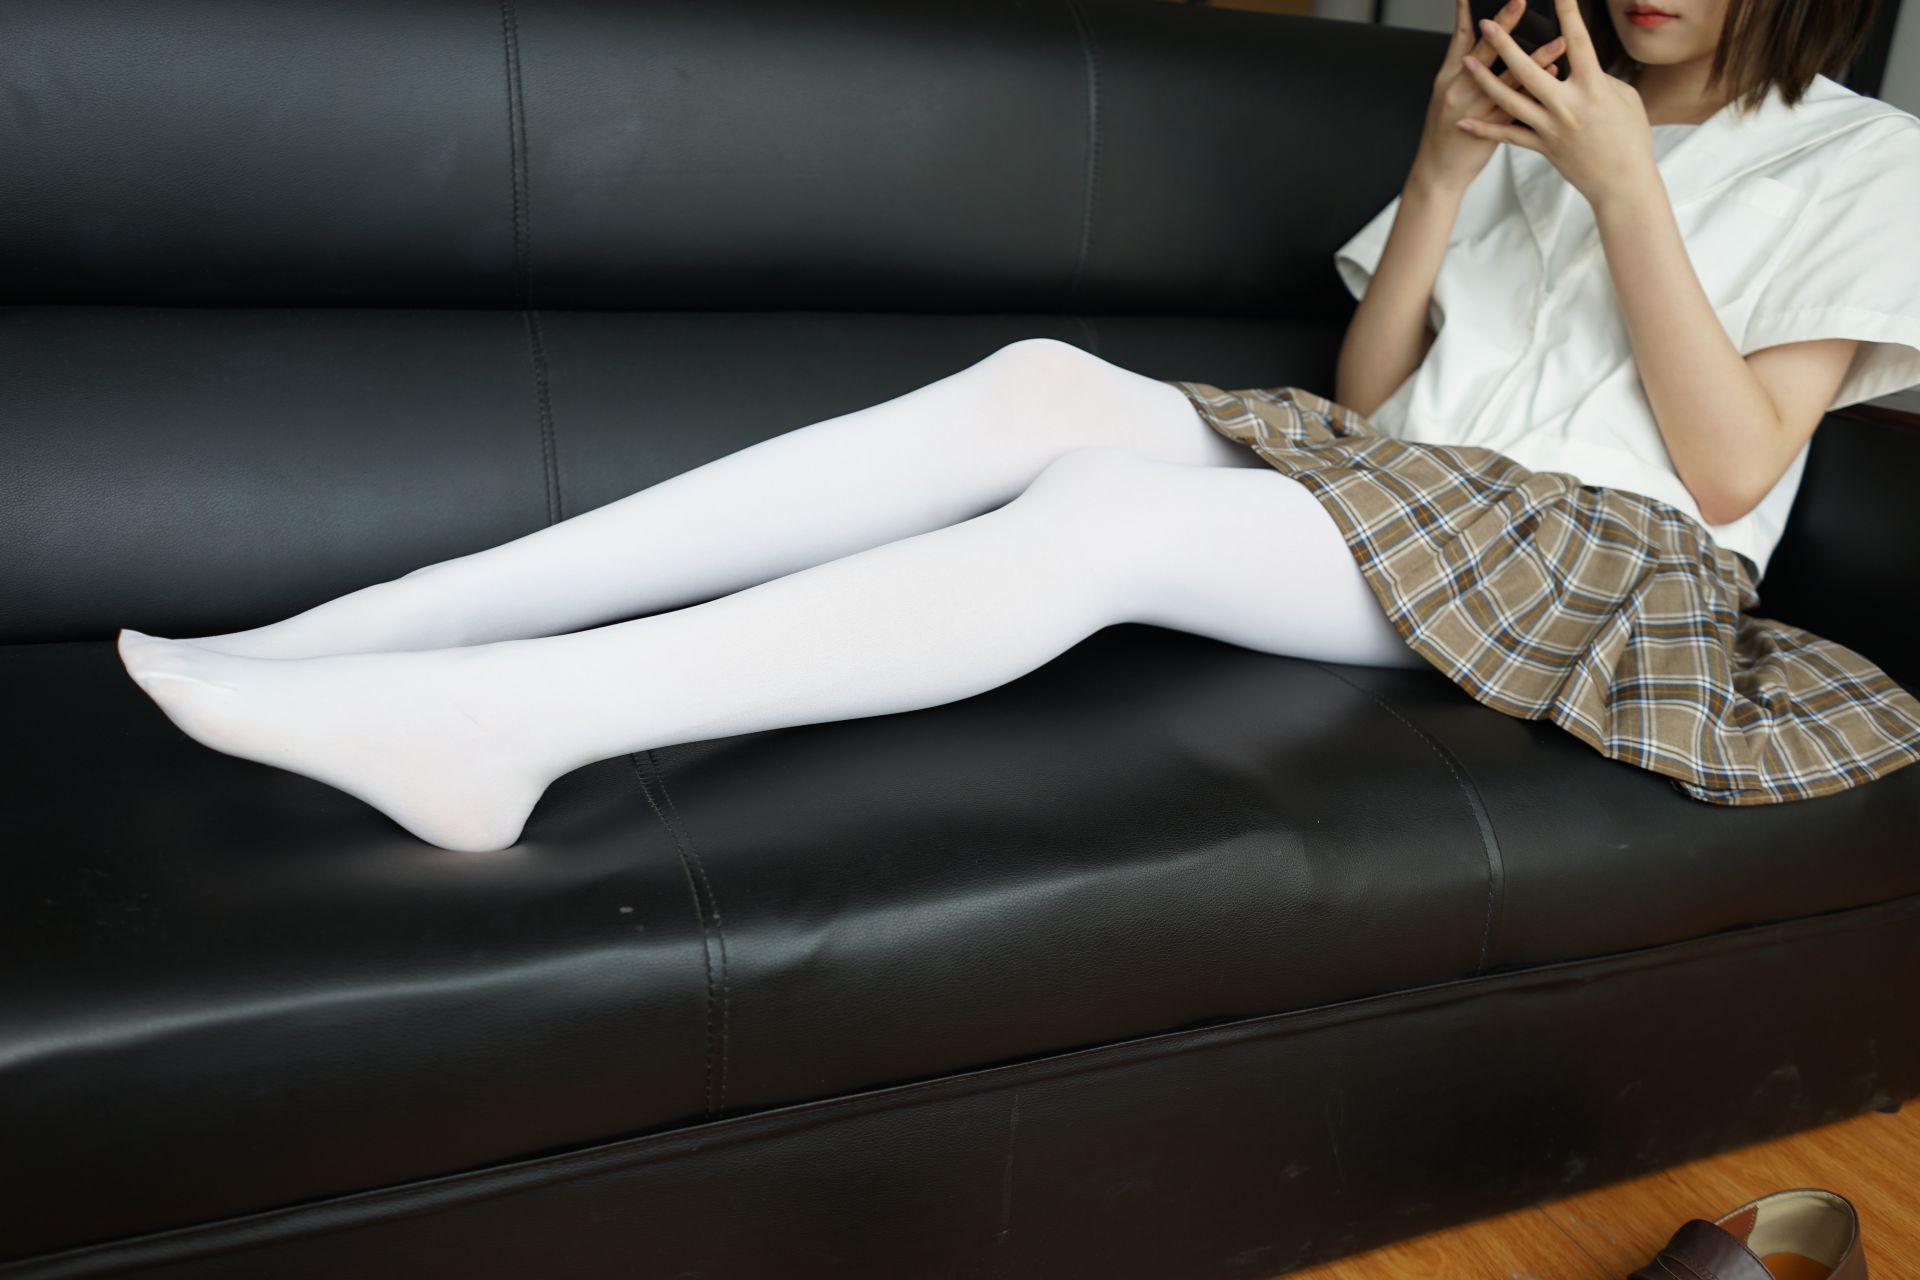 【森萝财团】森萝财团写真 - BETA-021 白丝格子裙 [212P-0.98GB] BETA系列 第4张